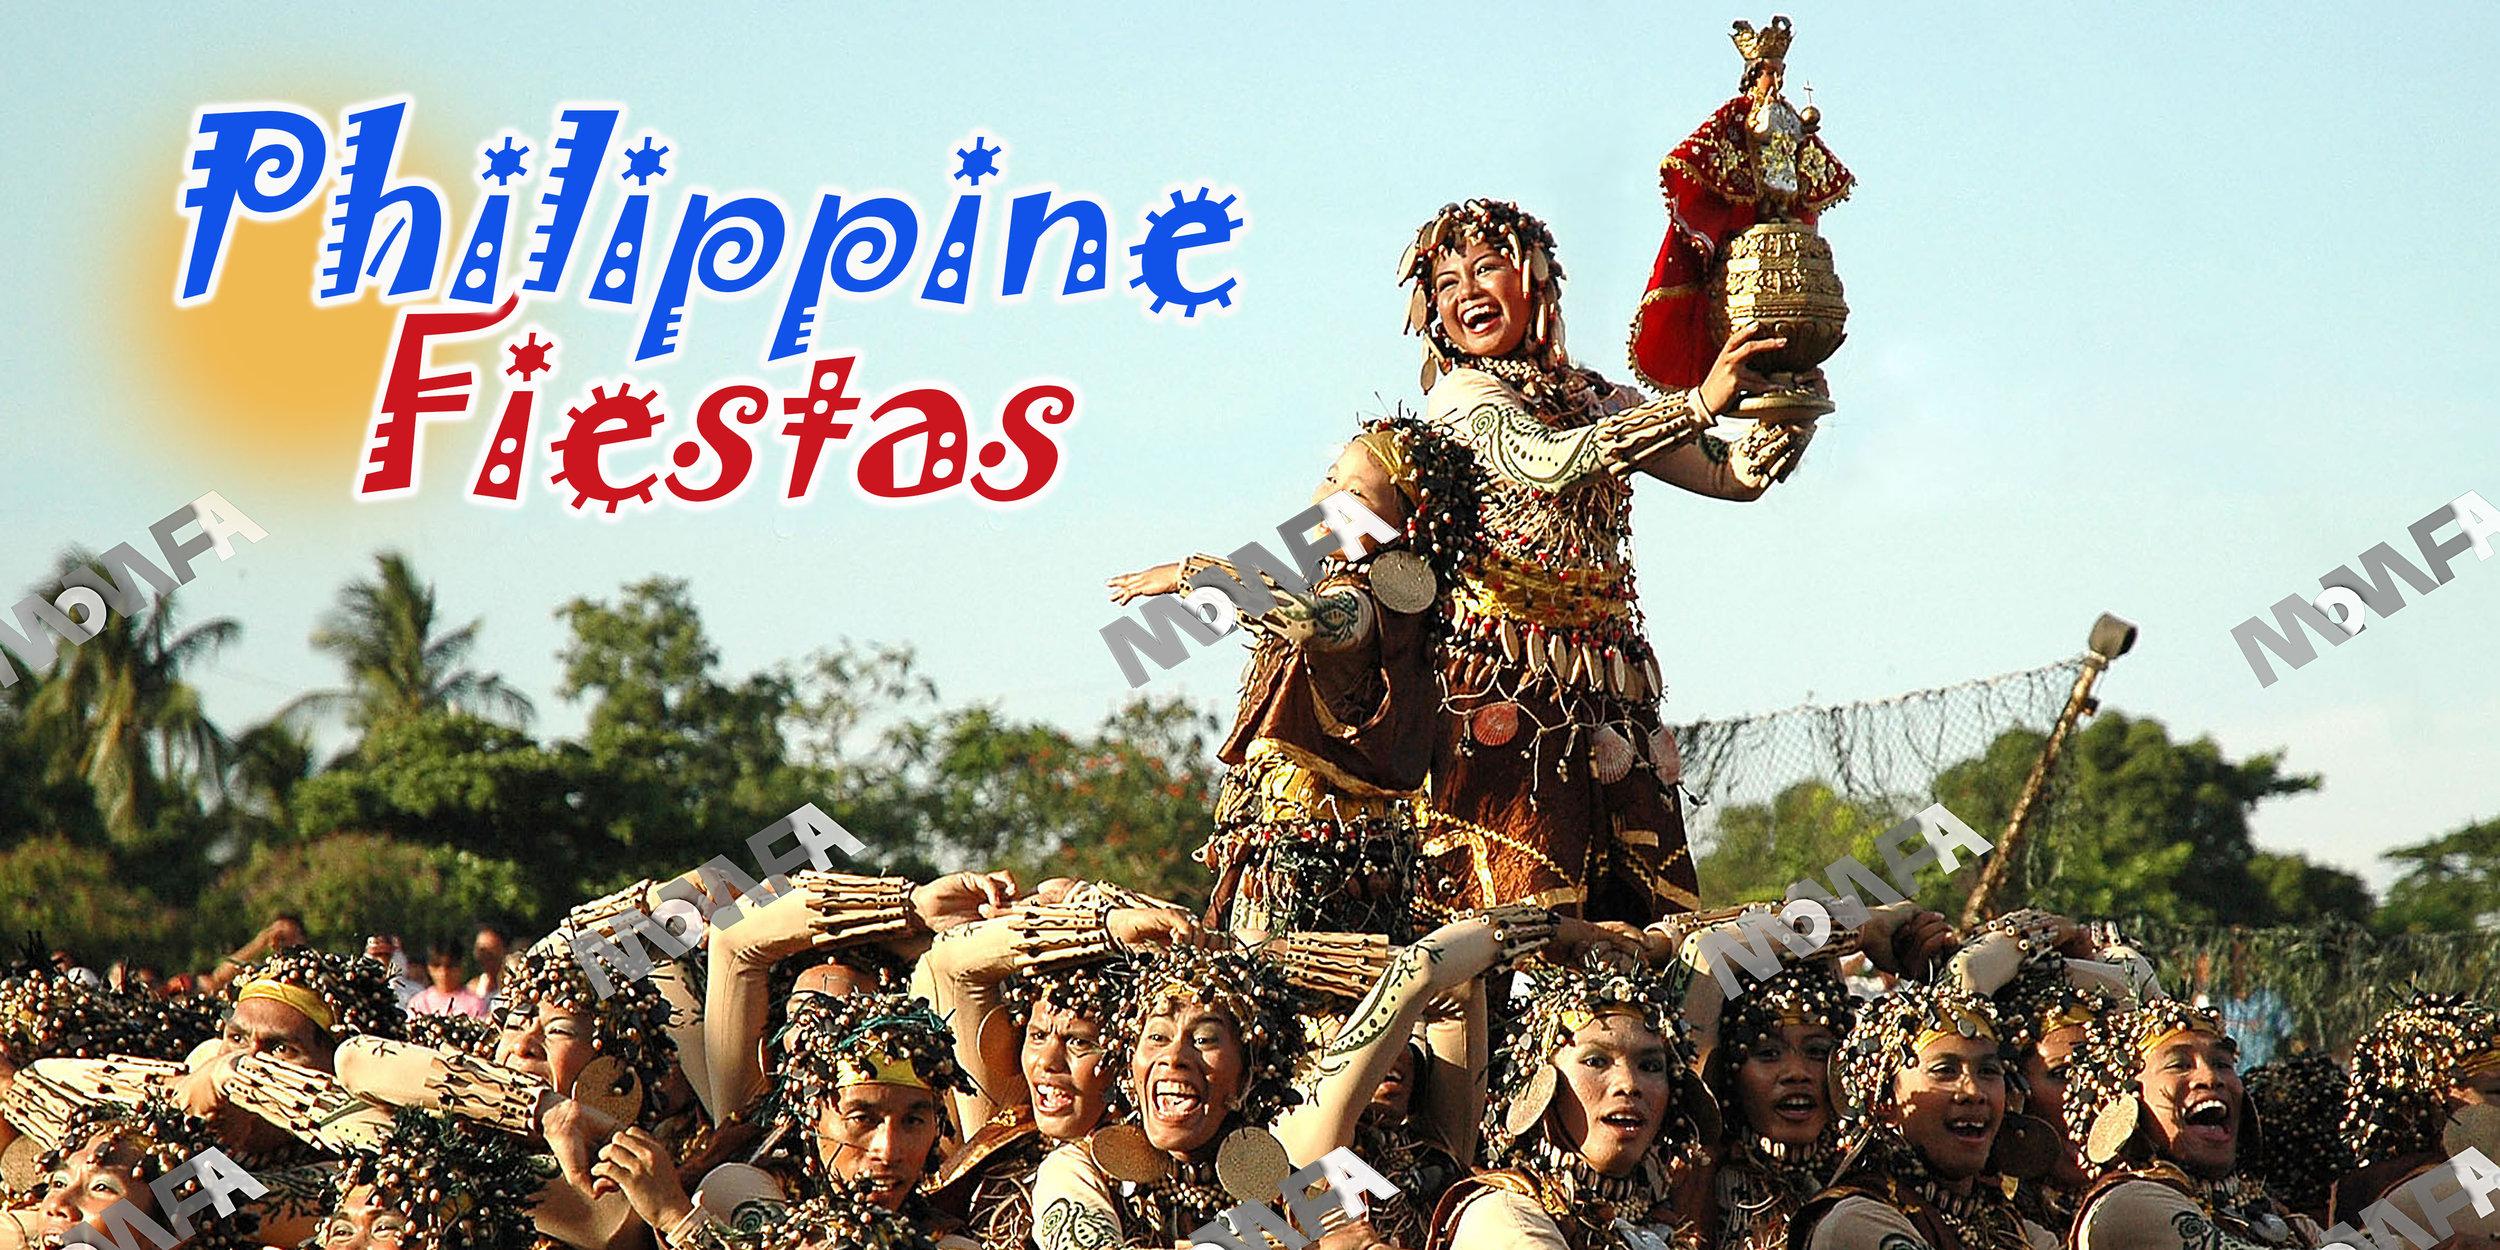 Phil Fiestas banner 8x16.jpg